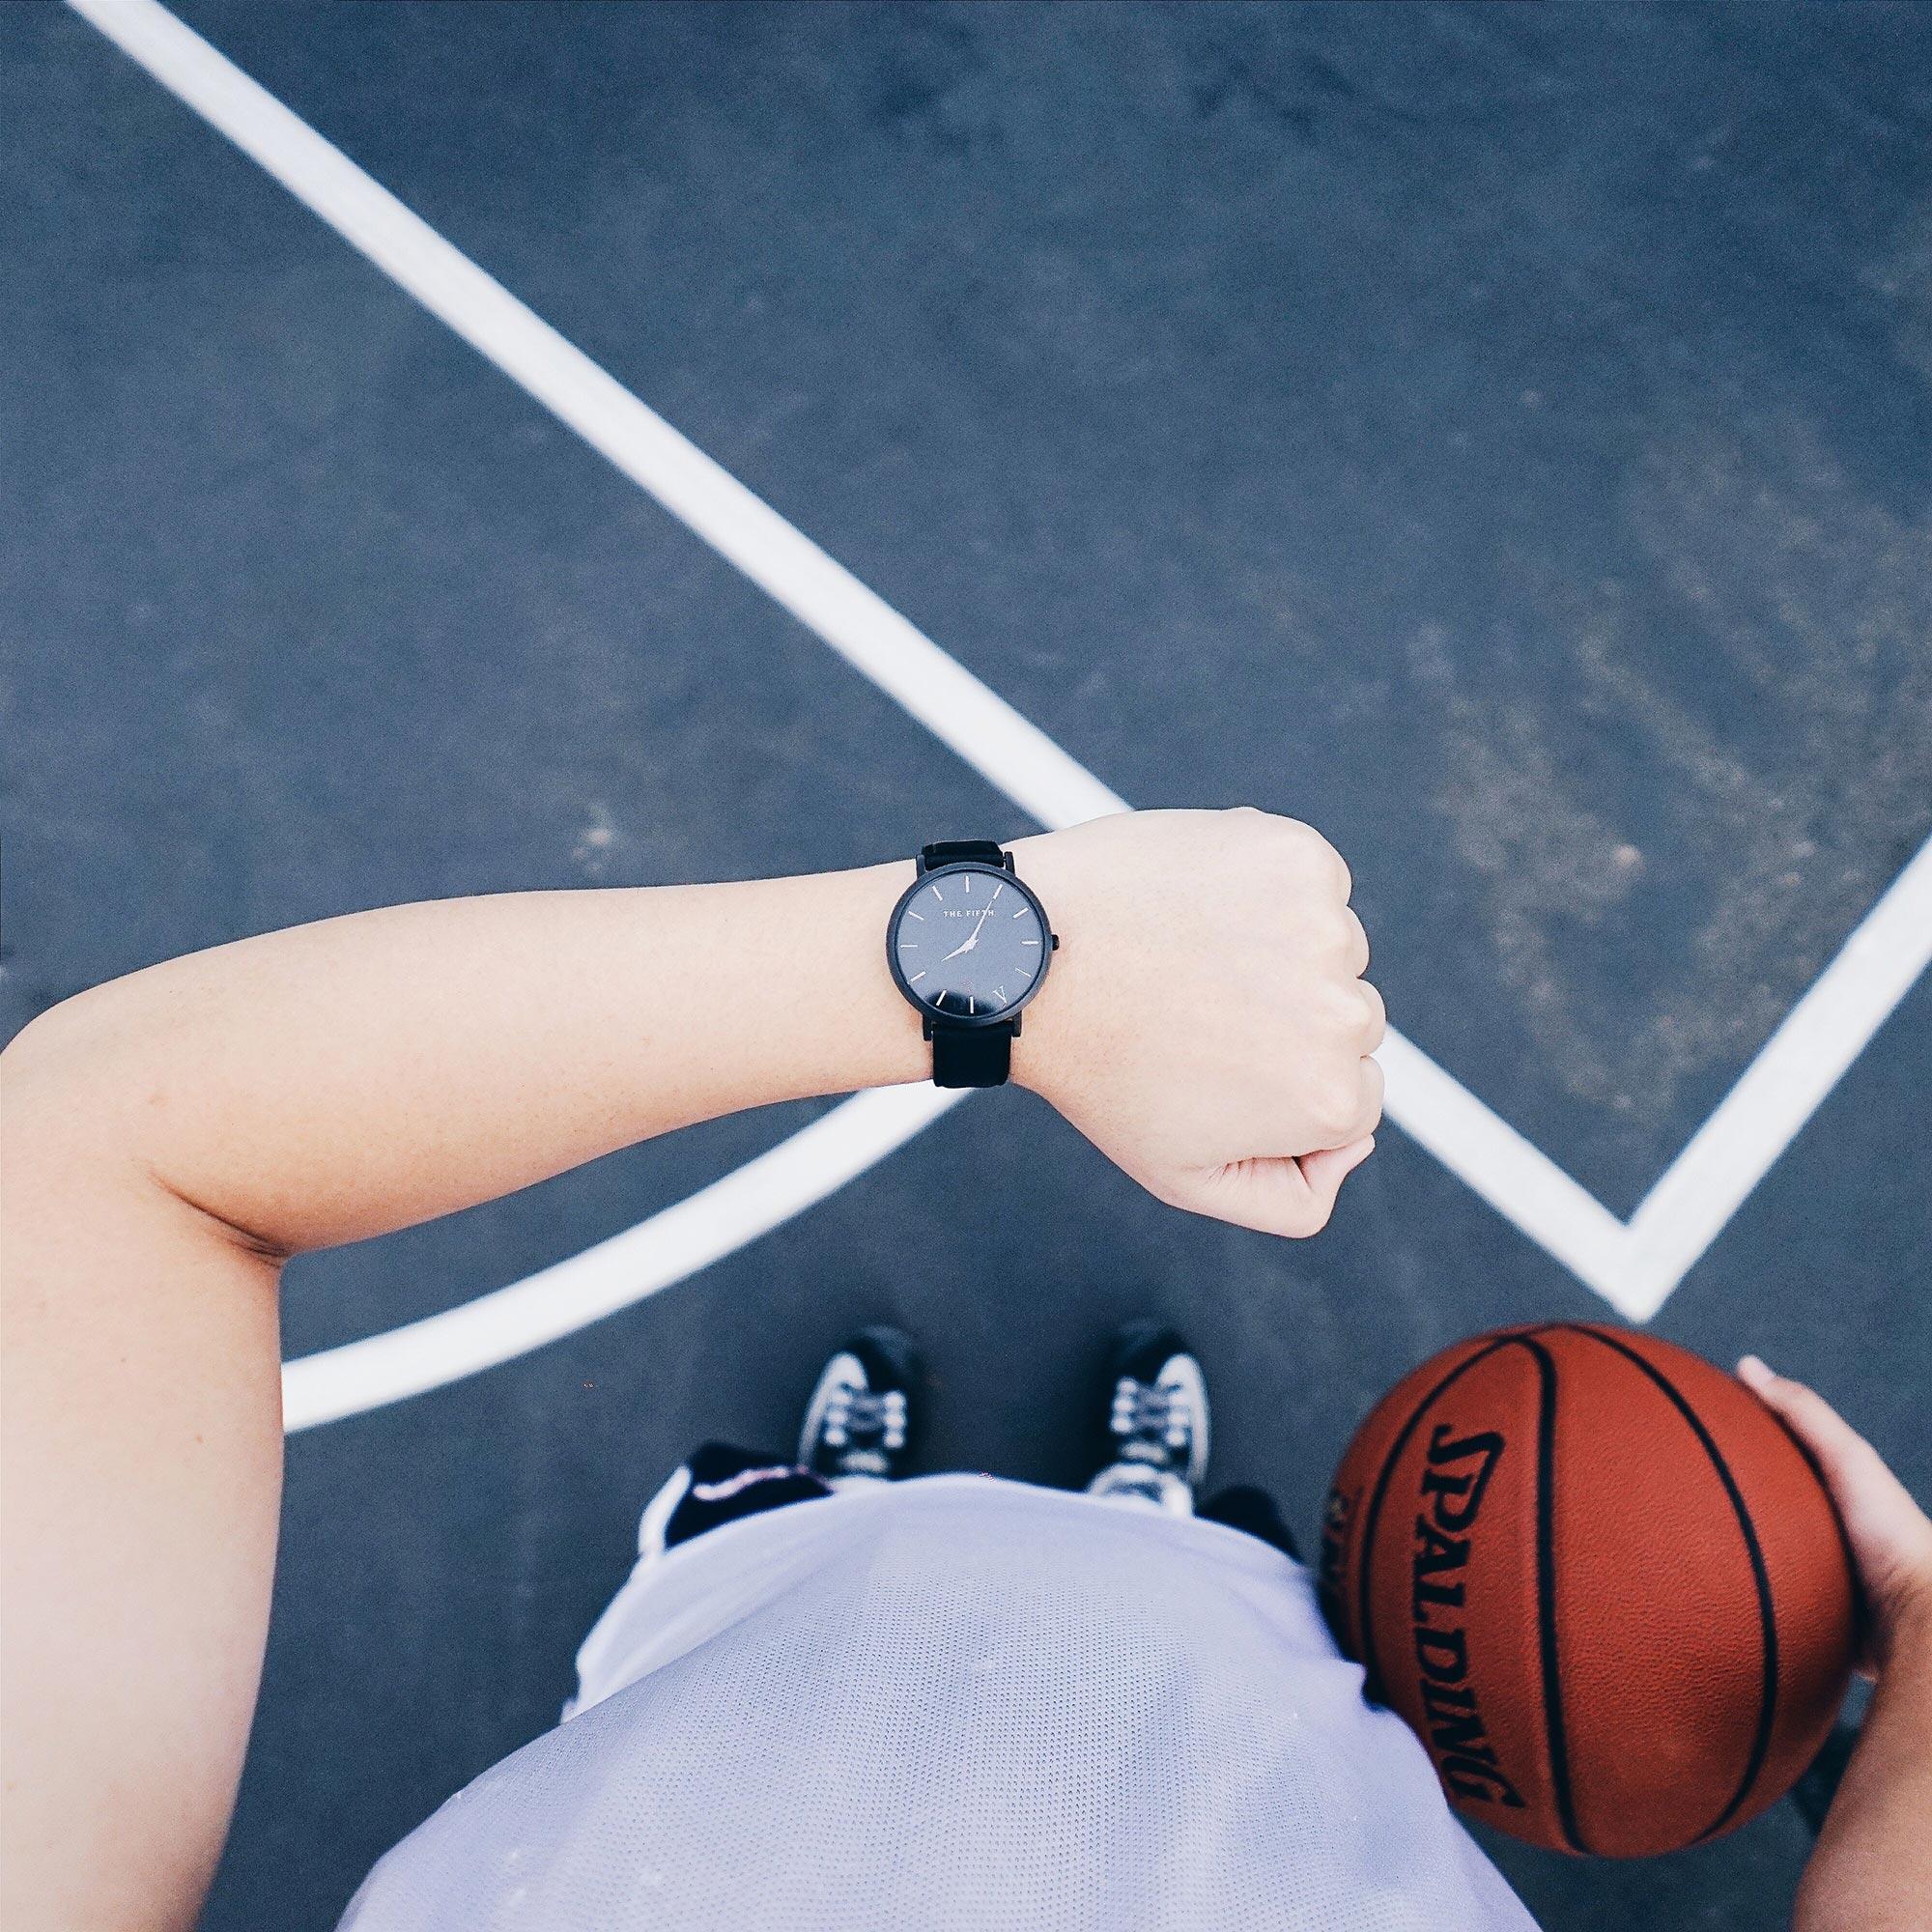 trænings ur